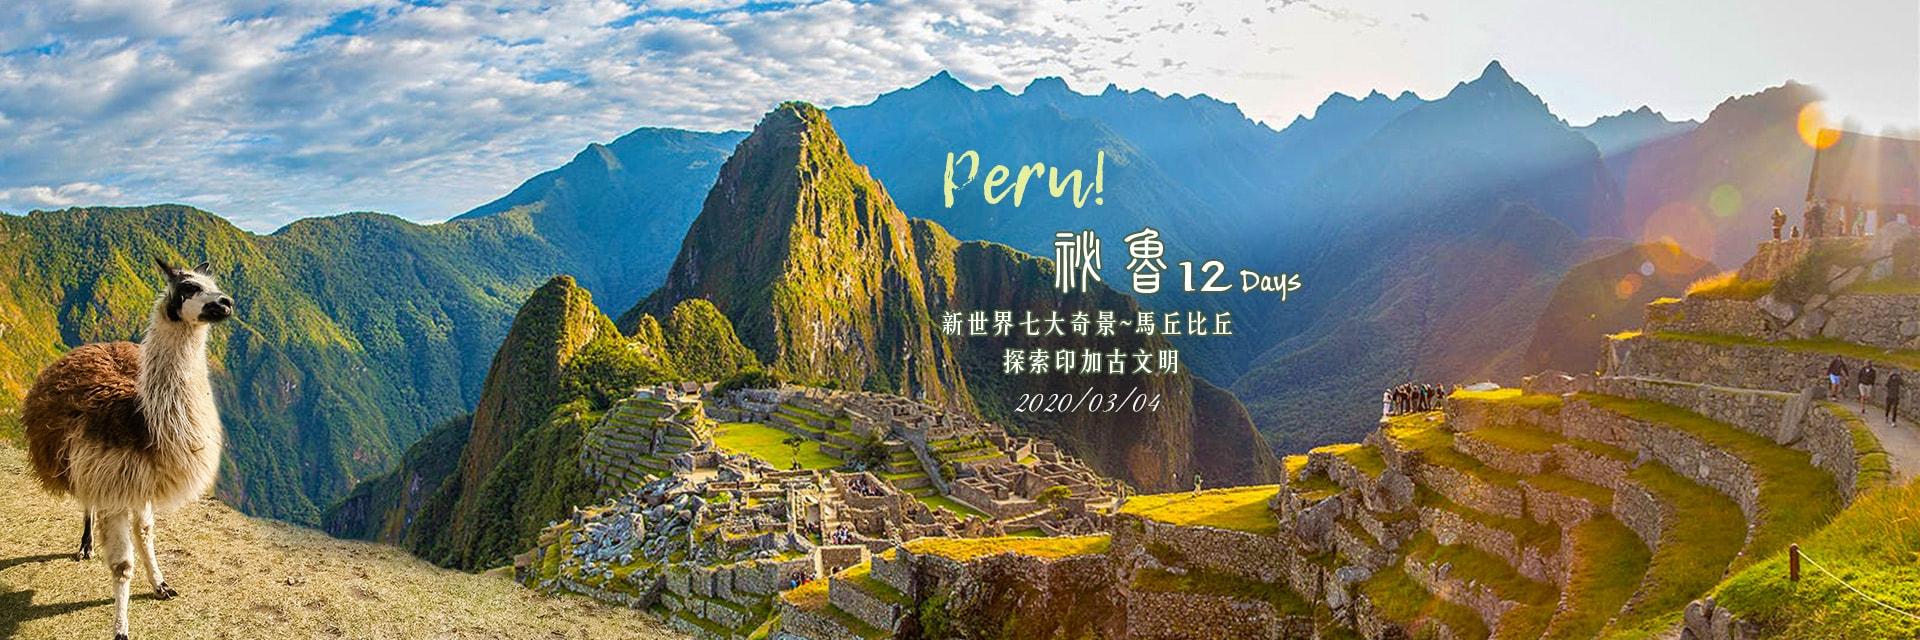 印加旅遊,秘魯旅遊,馬丘比丘